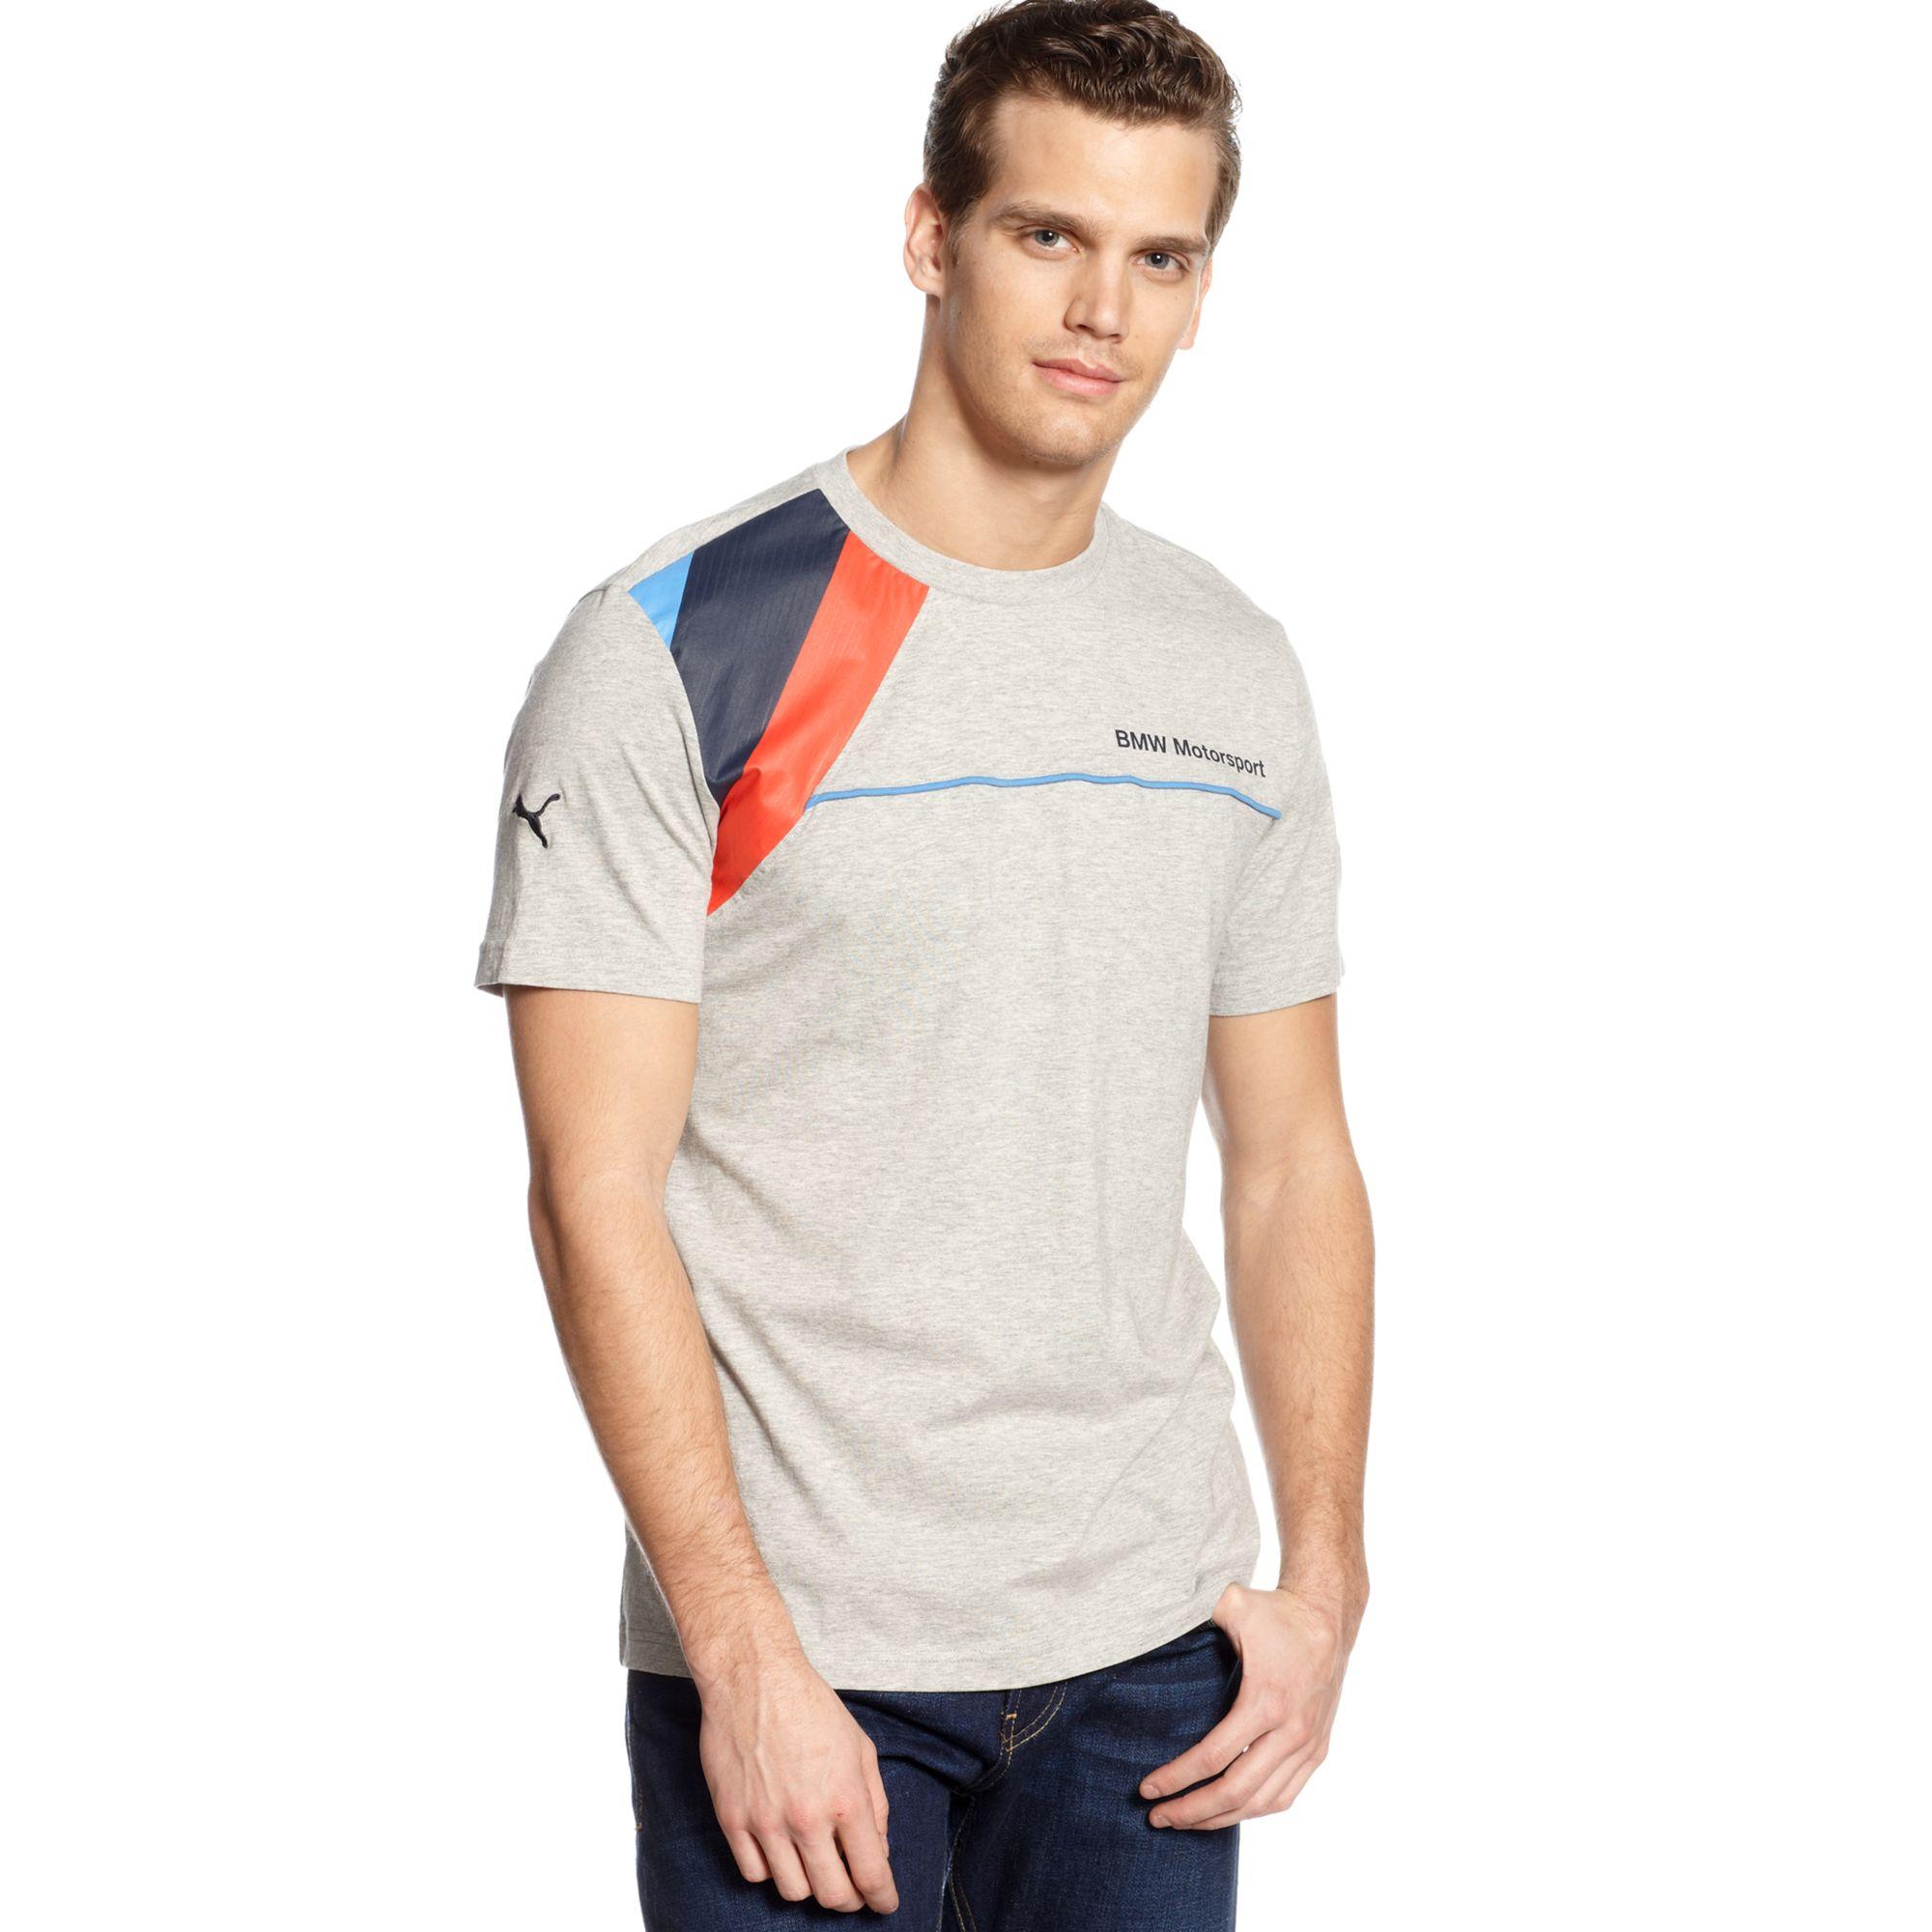 b4c0c051 PUMA Bmw Tshirt in Gray for Men - Lyst